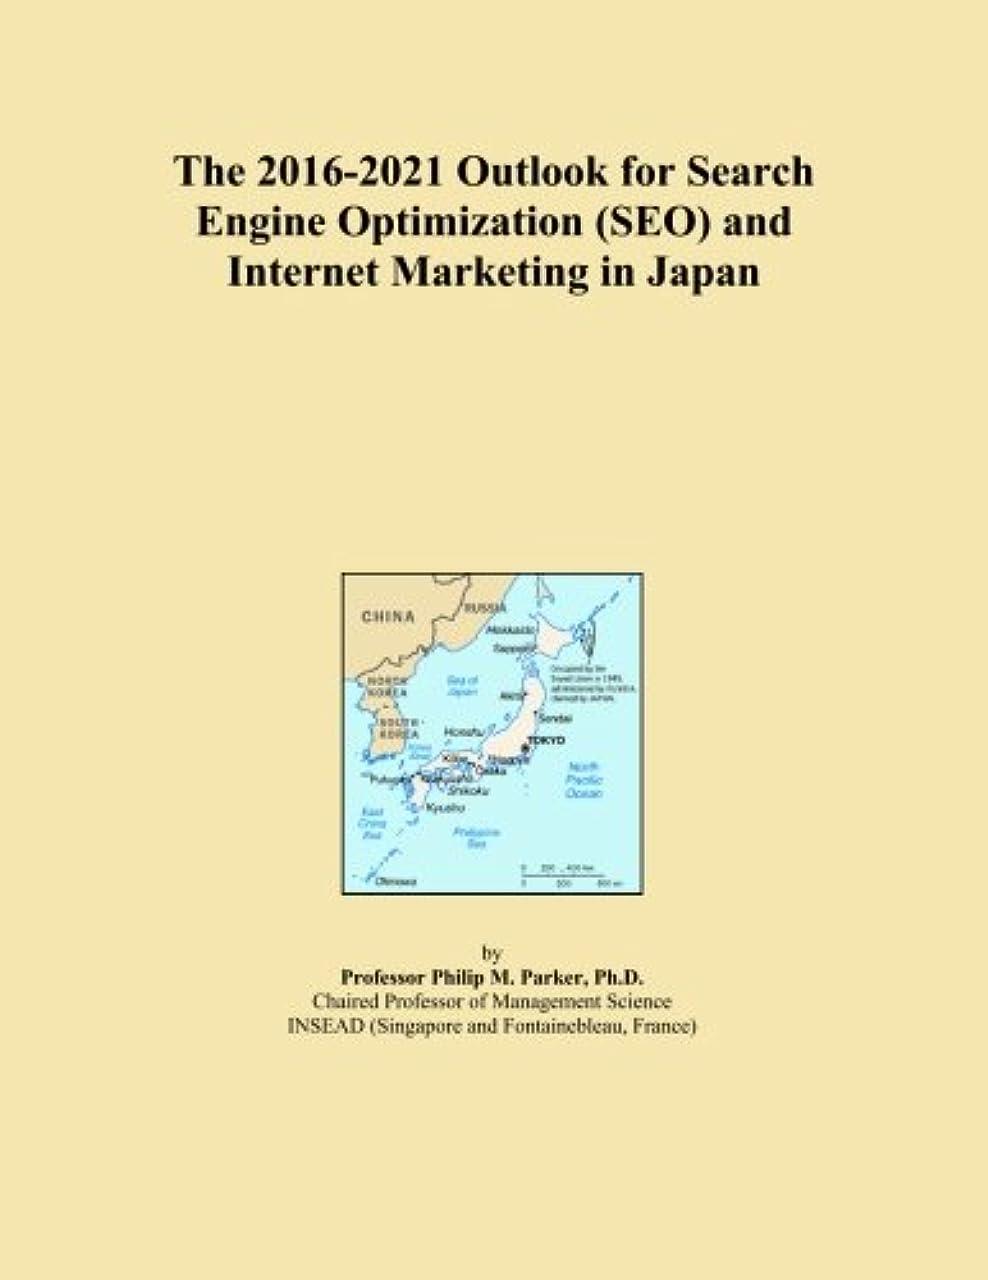 配る病んでいる緩めるThe 2016-2021 Outlook for Search Engine Optimization (SEO) and Internet Marketing in Japan